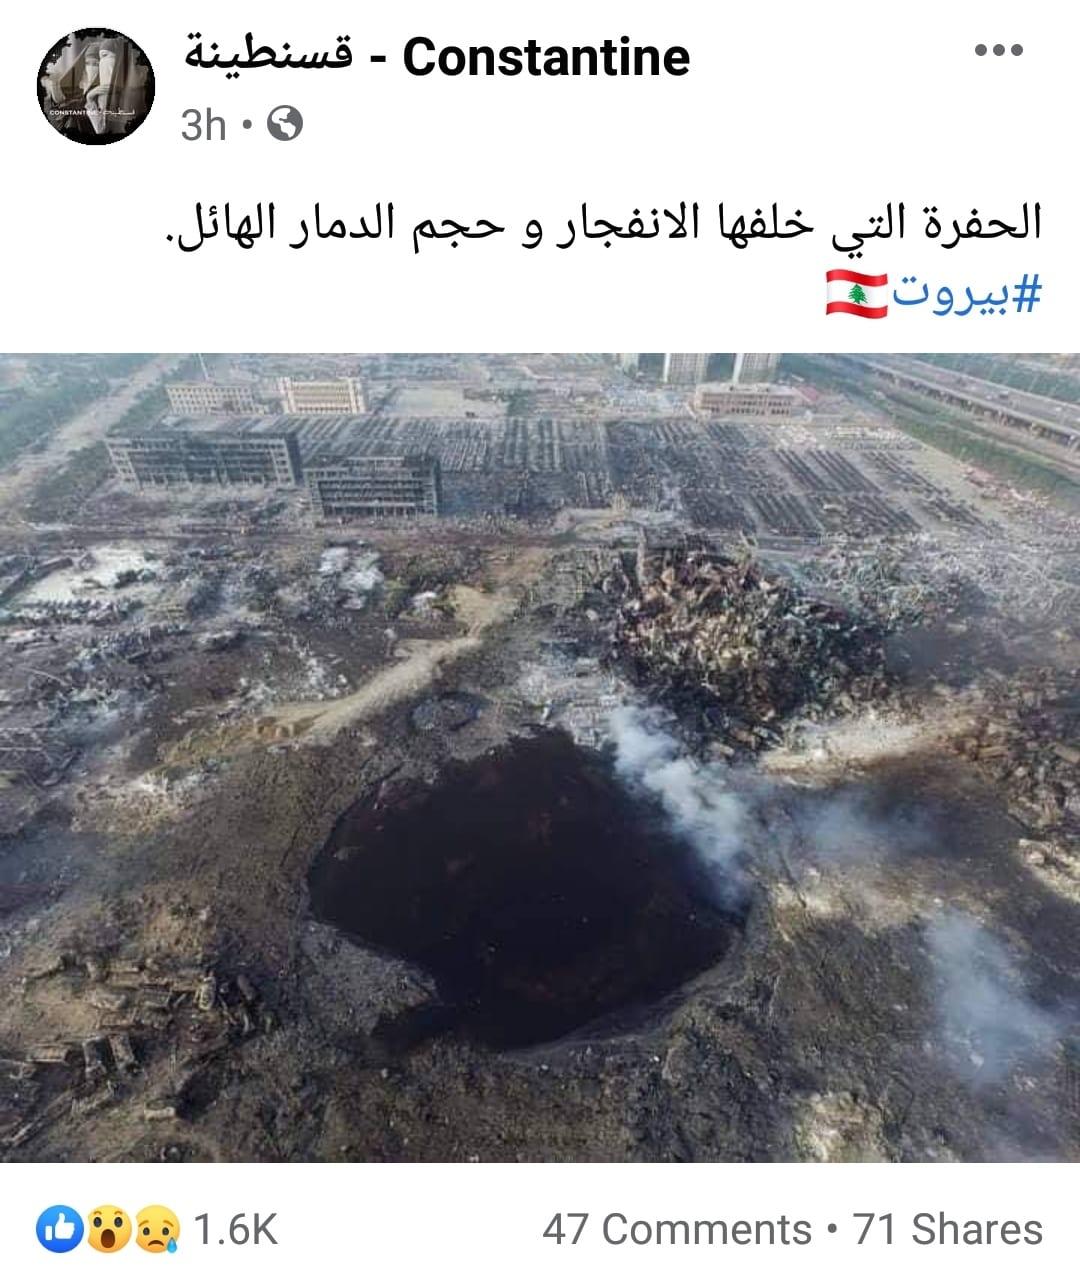 ادعاء الحفرة التي خلفها انفجار بيروت